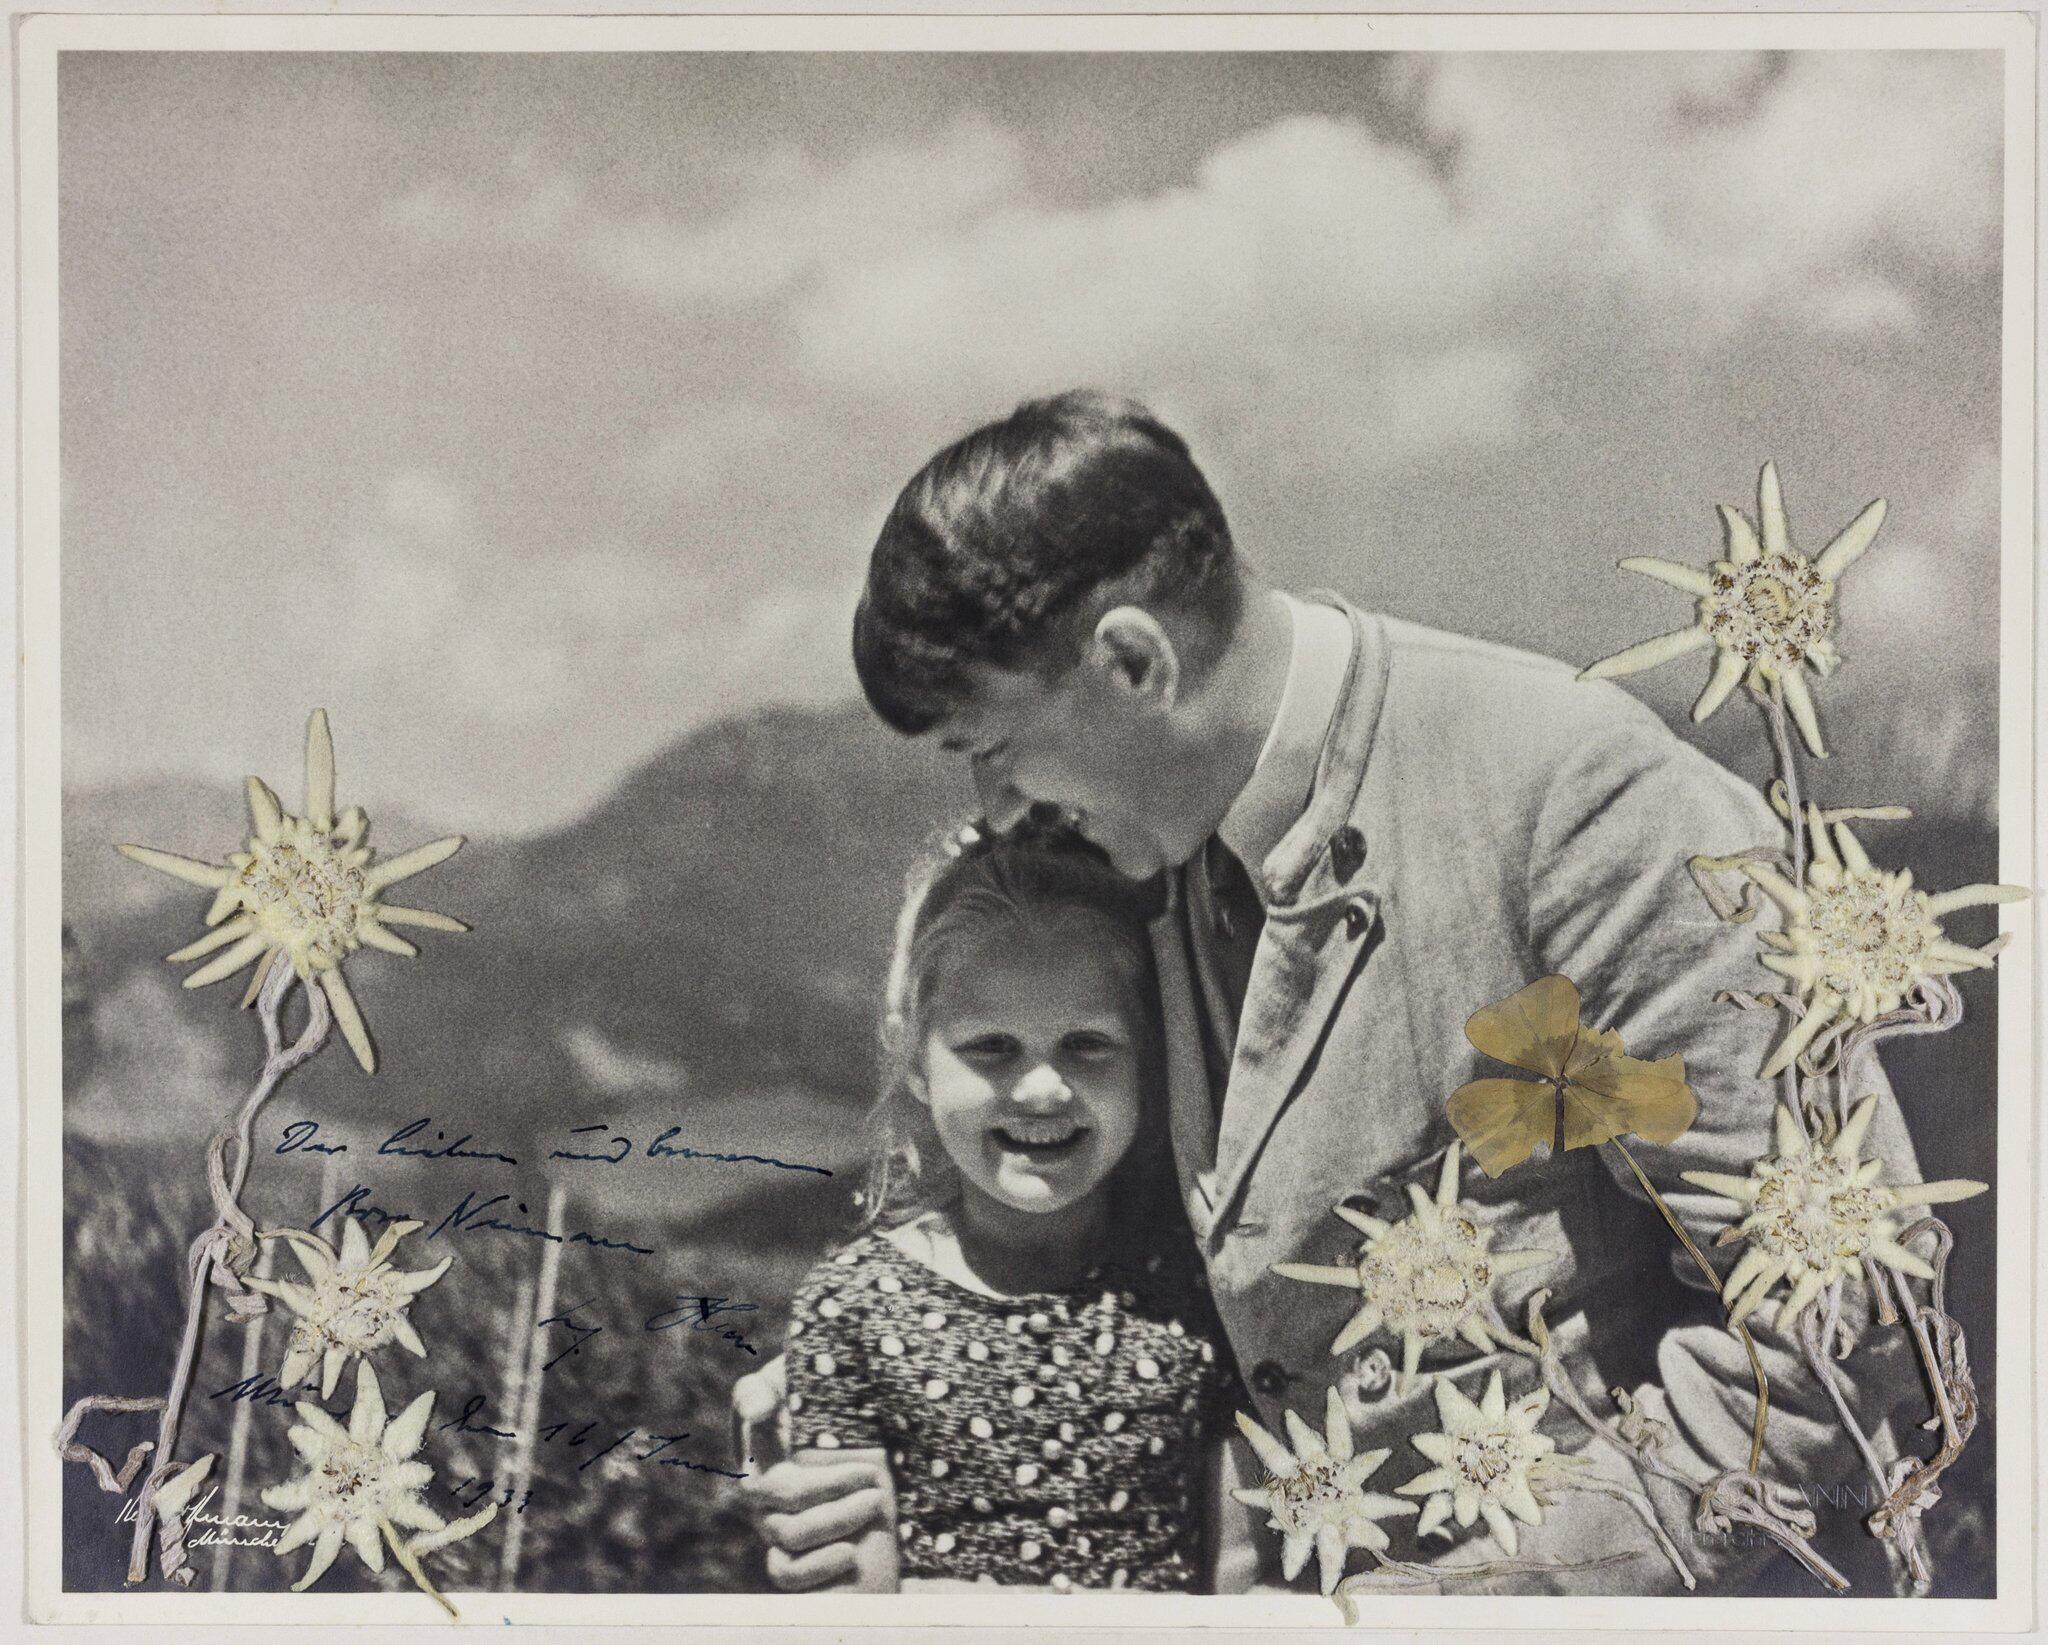 Bild zu Foto mit Hitler und jüdischem Mädchen